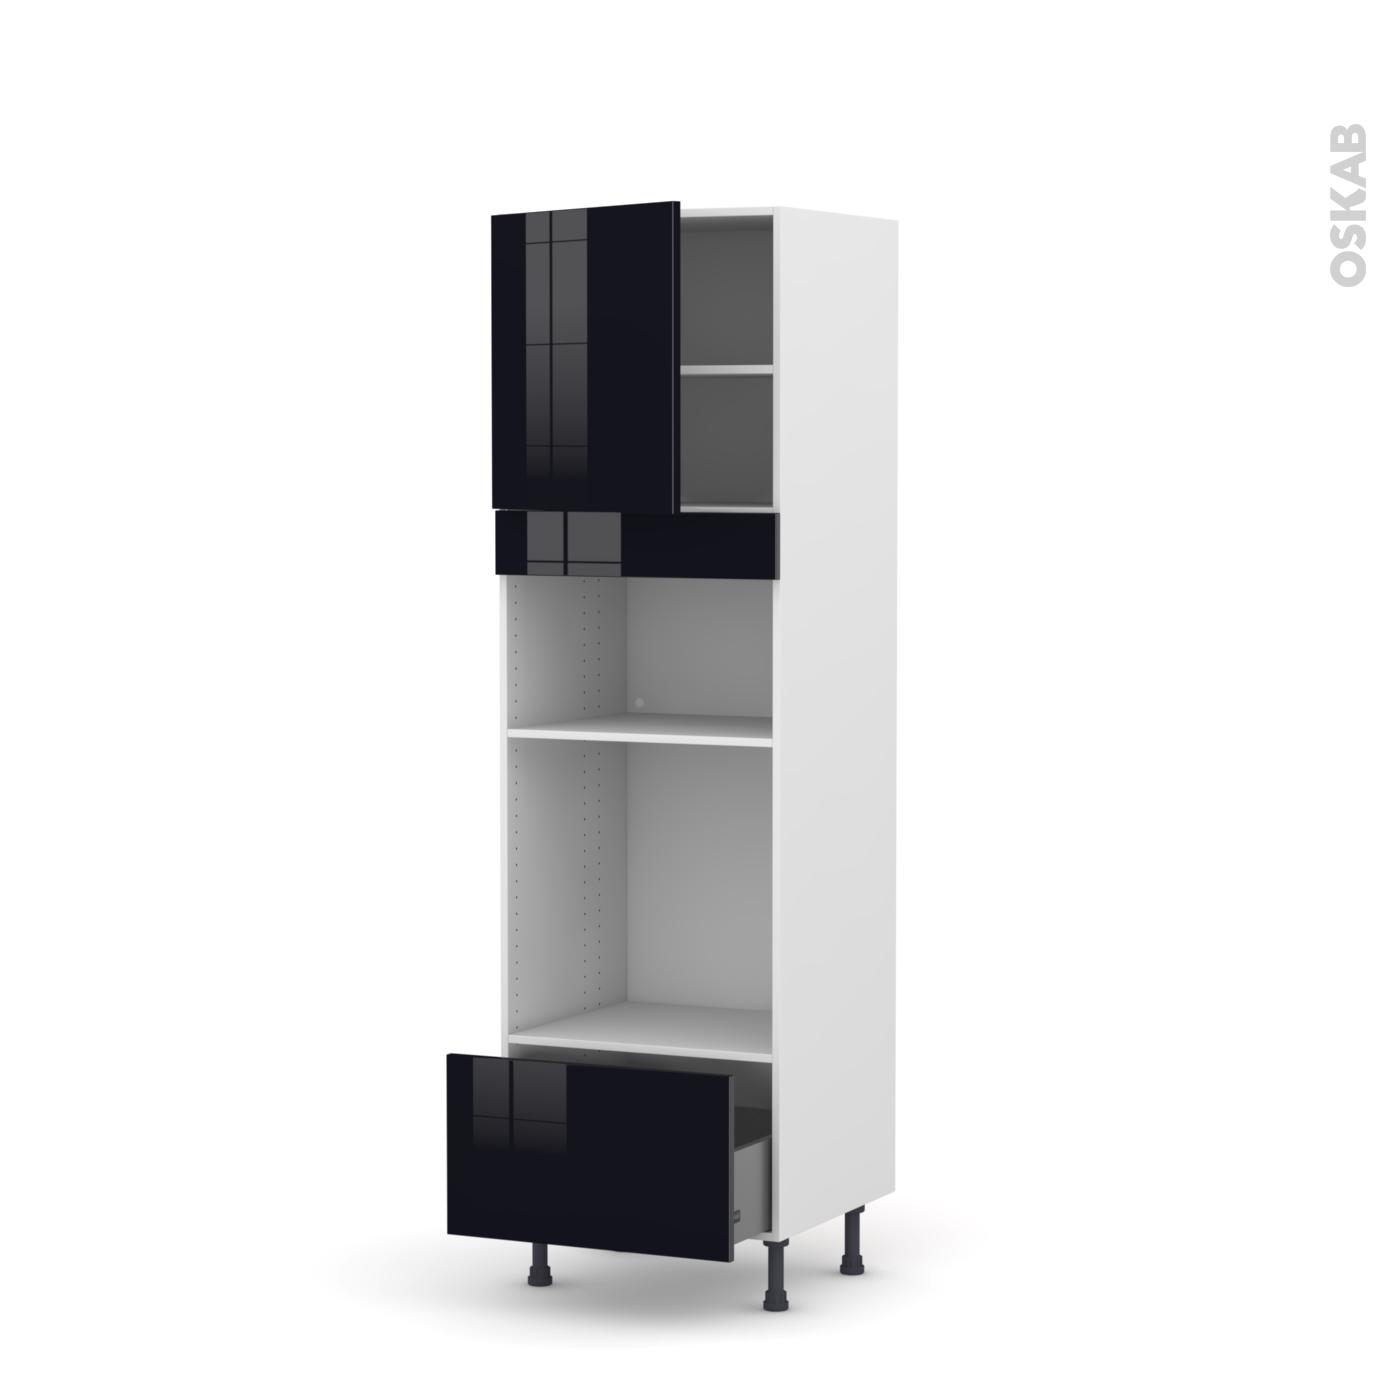 Colonne Four Et Micro Onde colonne de cuisine n°1610 four+mo encastrable niche 36/38 keria noir, 1  porte 1 tiroir, l60 x h195 x p58 cm